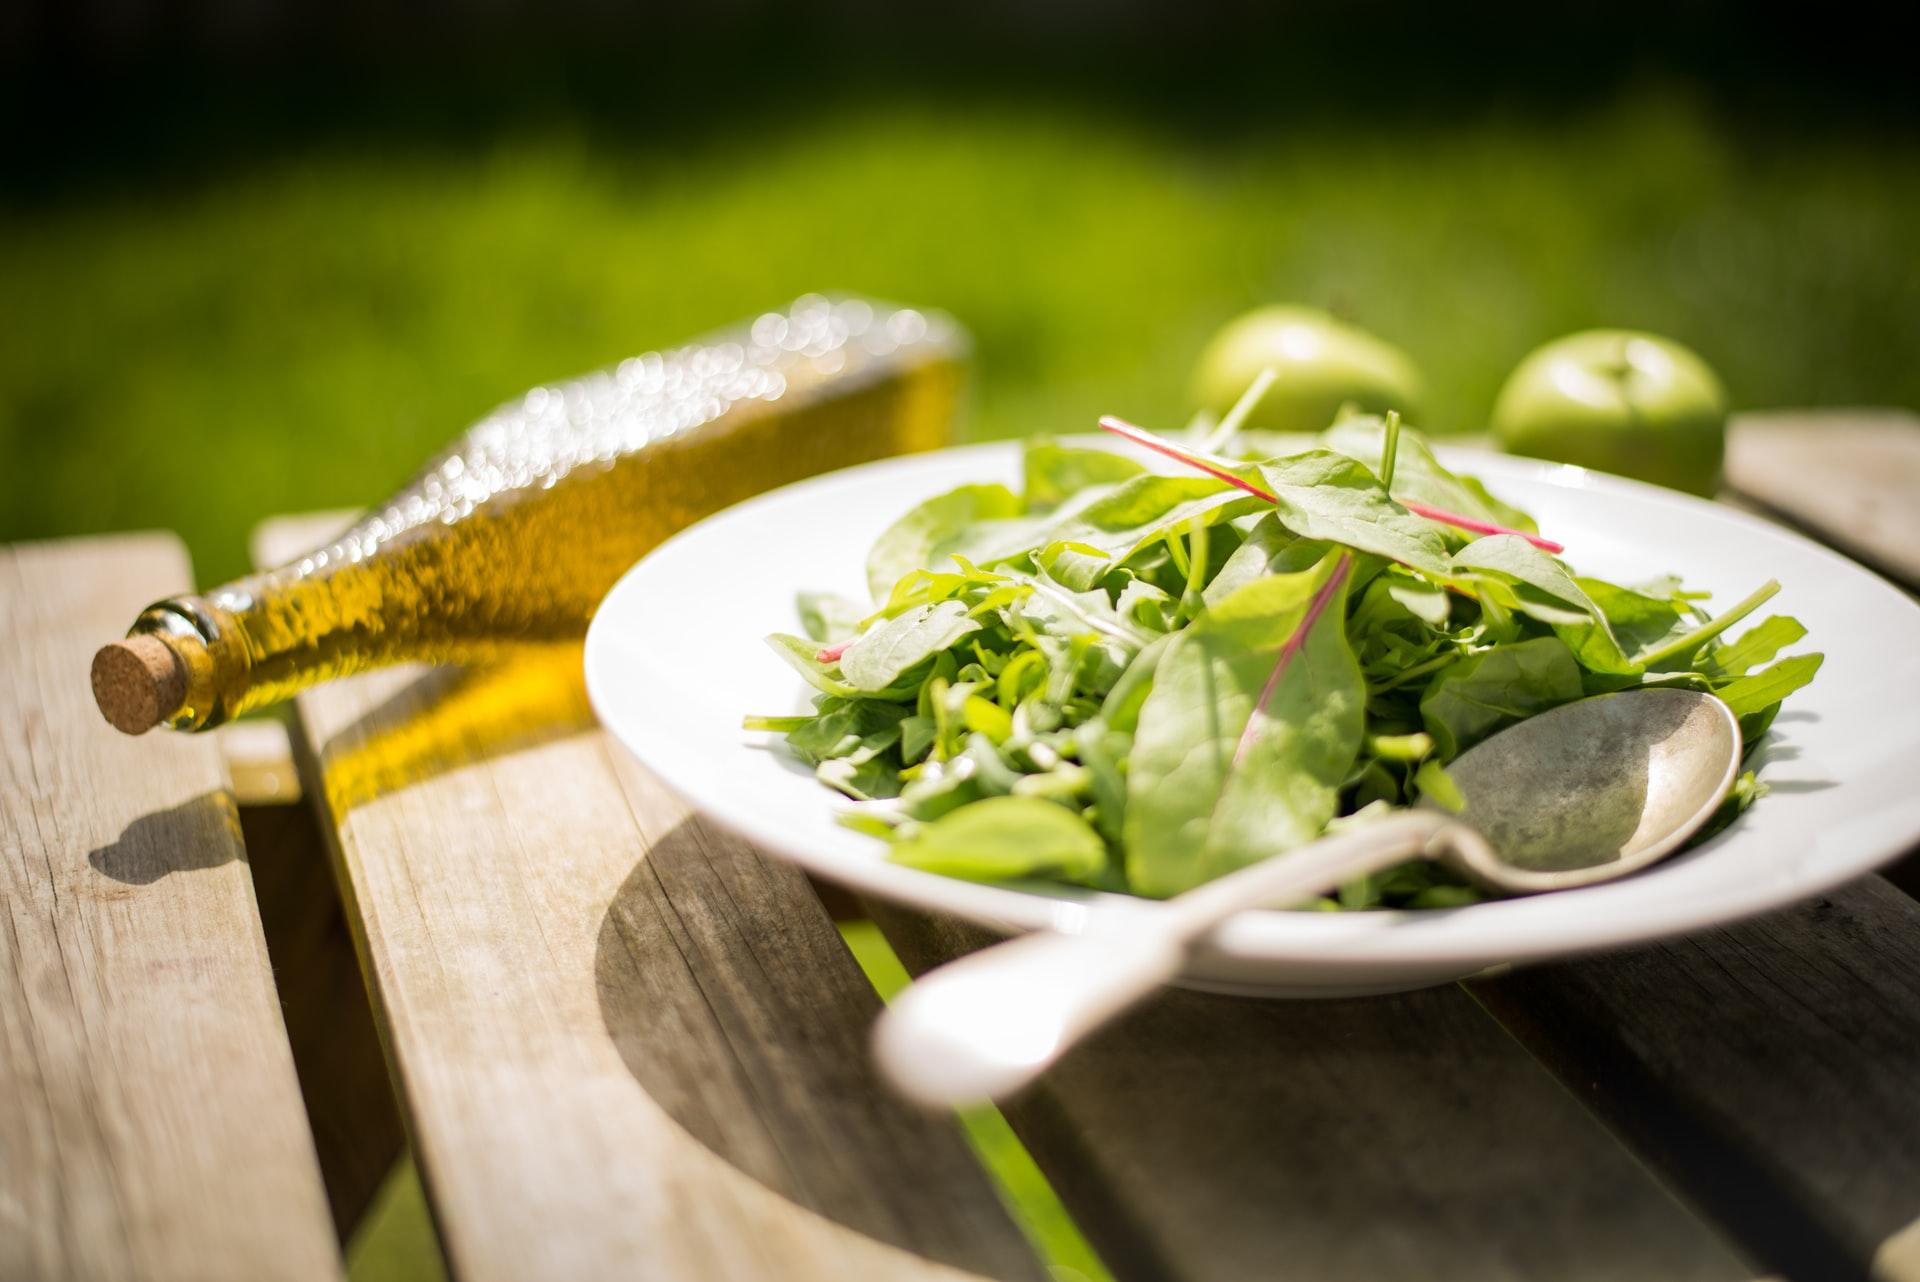 Szczawiany w diecie – Czy powinny je spożywać kobiety w ciąży?